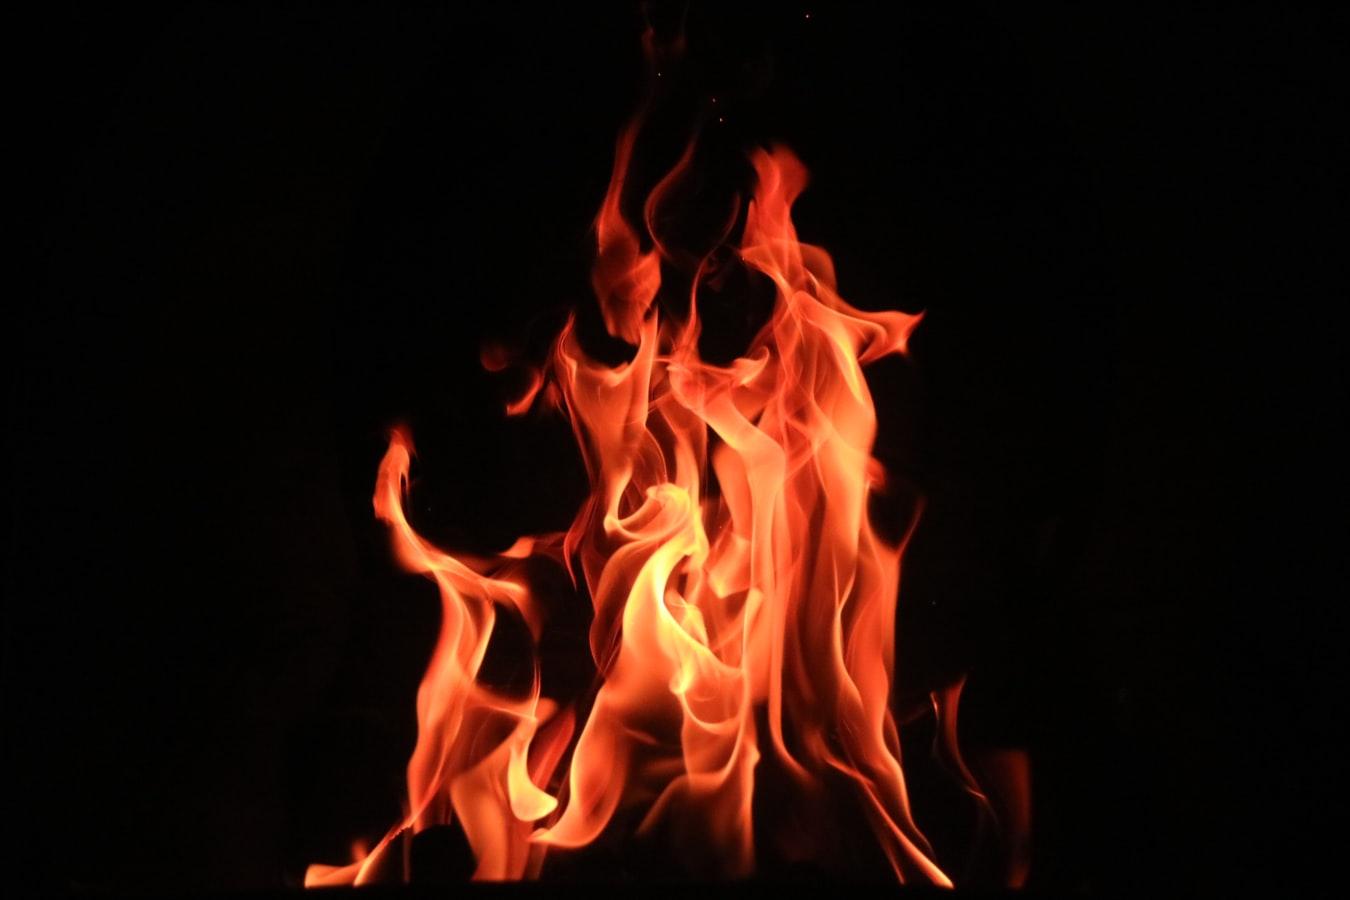 Πρόκληση πυρκαγιάς από εμπρησμό: Η σκοτεινή πλευρά της ανθρώπινης φύσης